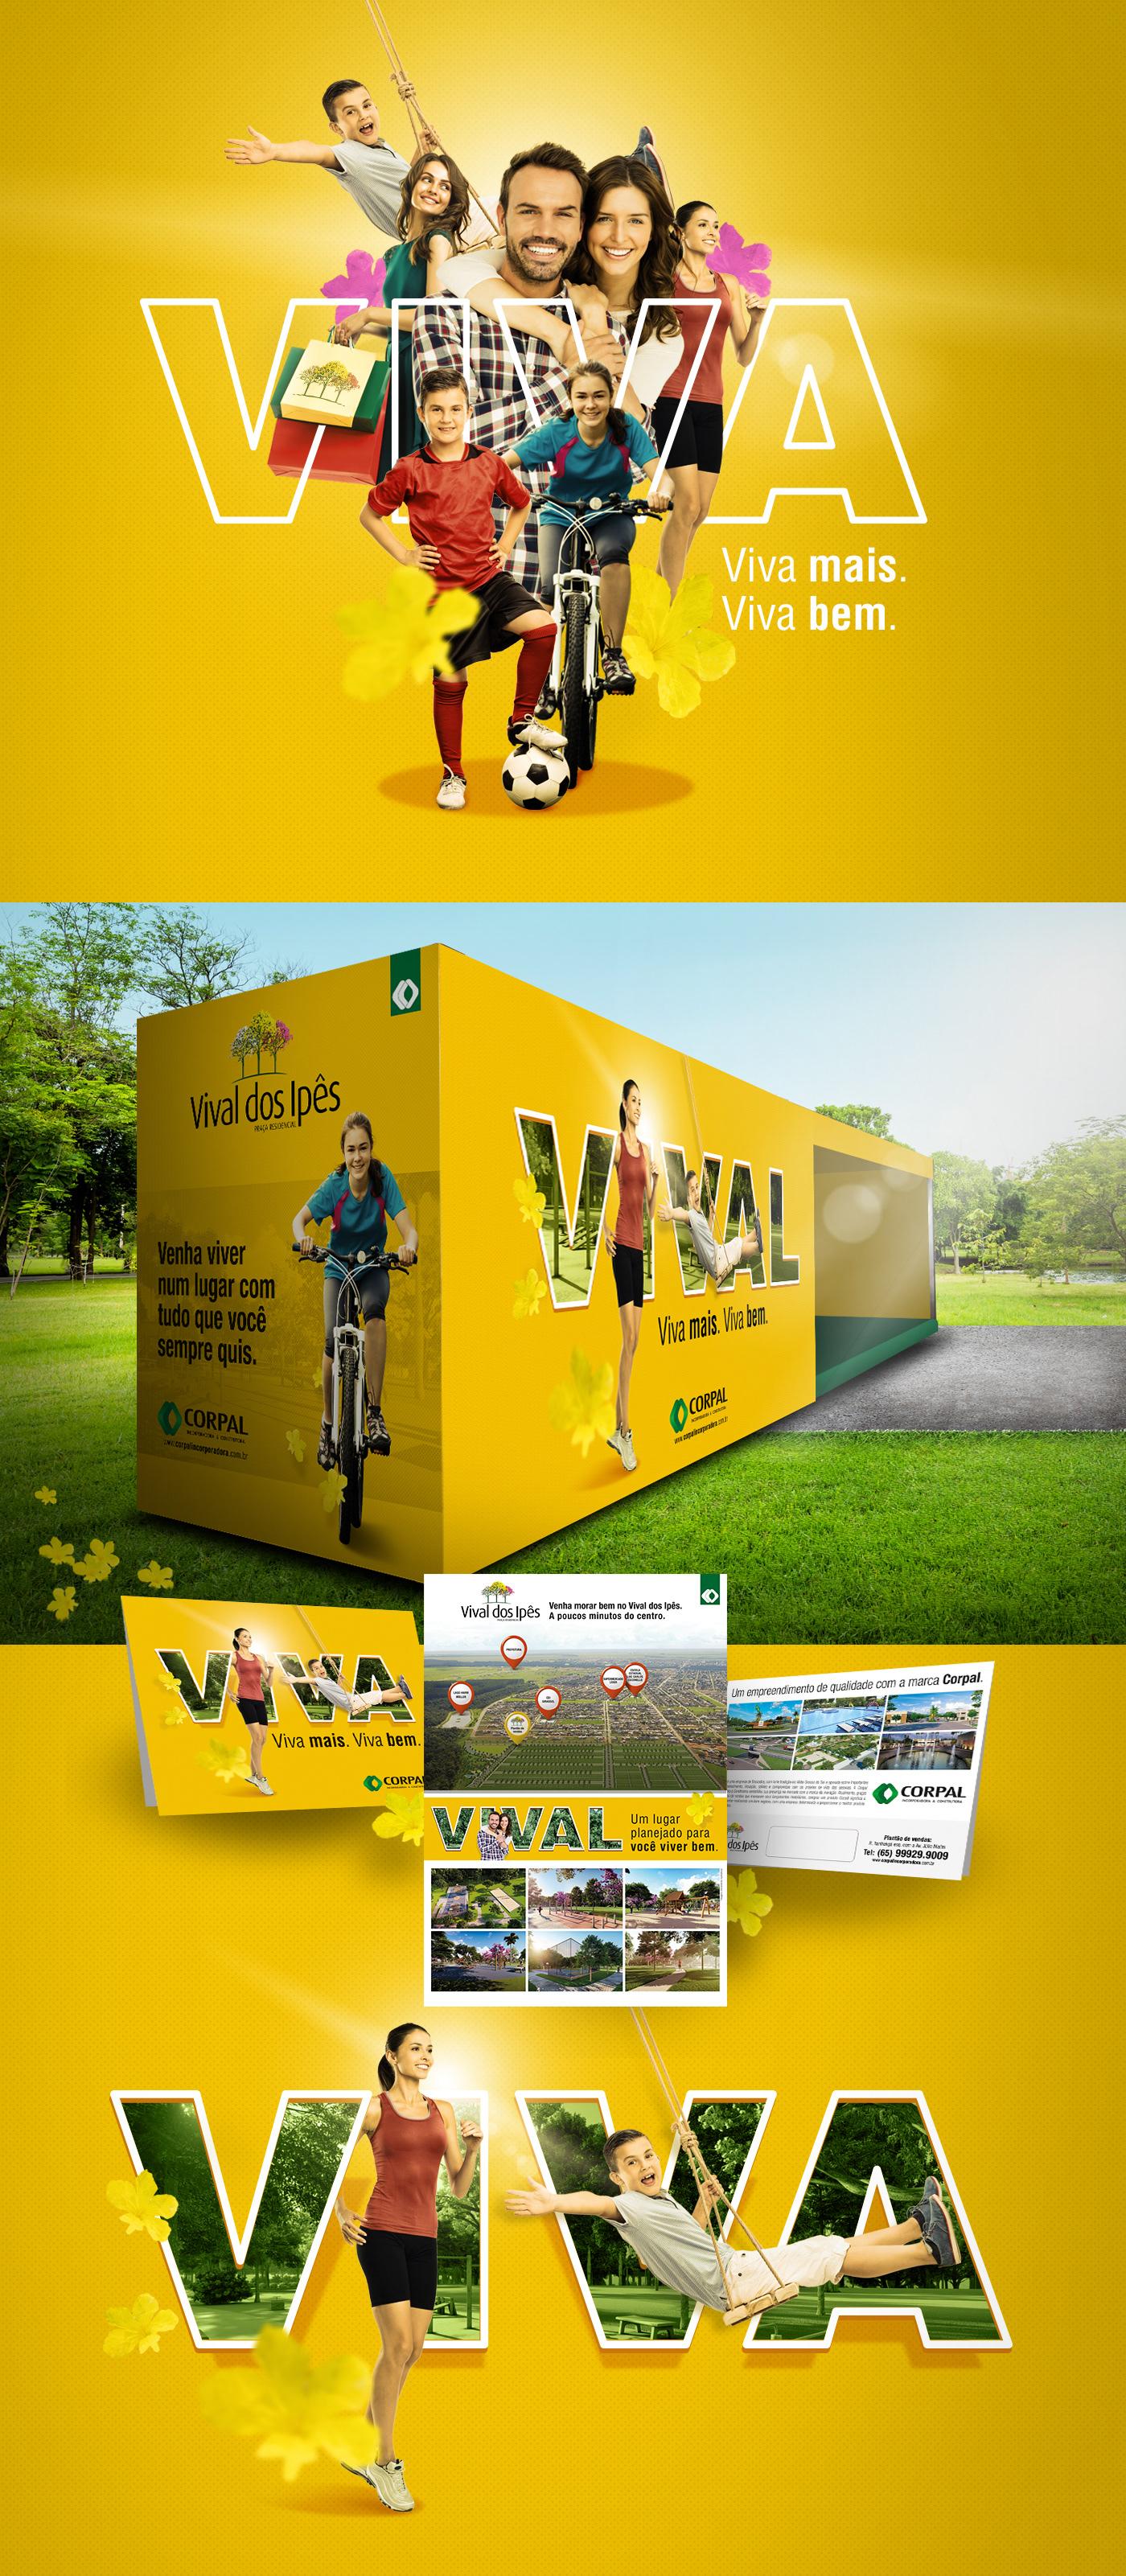 publicidade design Propaganda Web Empreendimento Imobiliário creative Corpore colagem graphicdesign Mboitatá